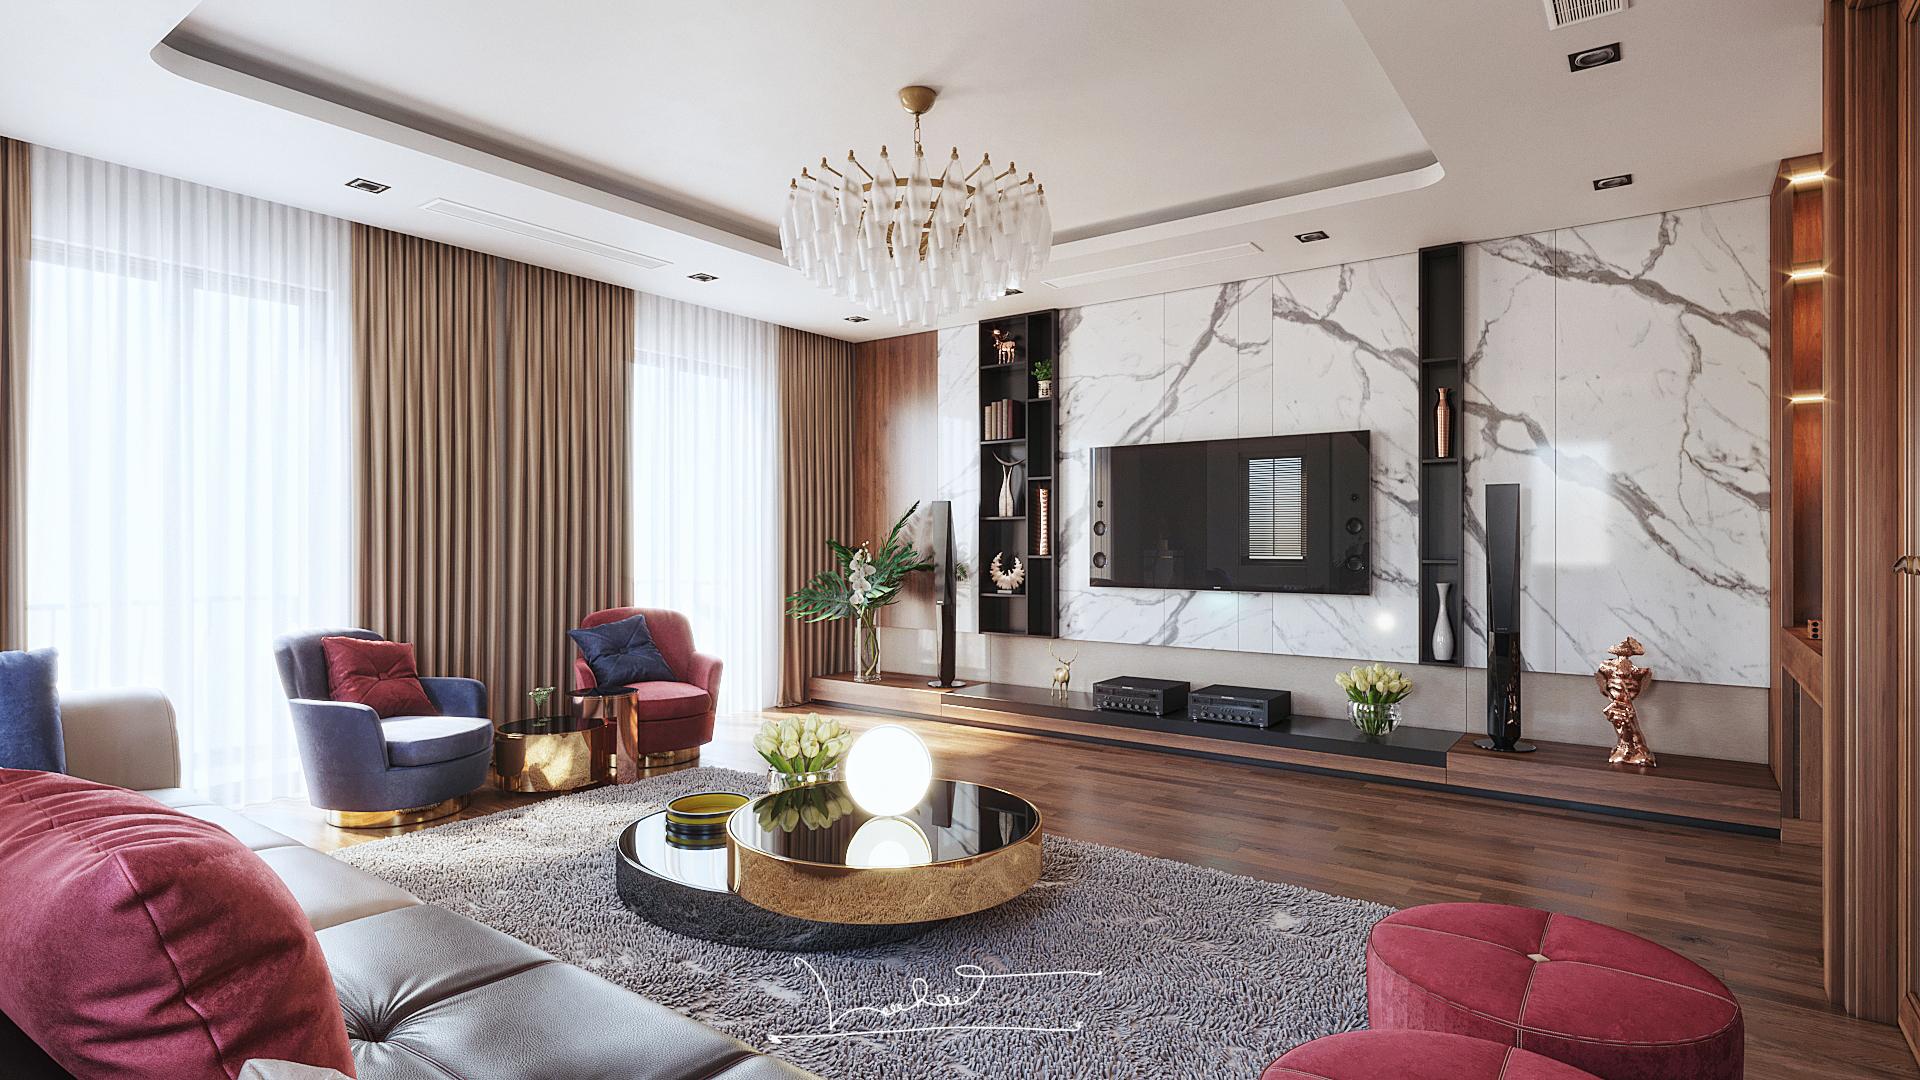 Thiết kế nội thất Biệt Thự tại Sơn La INTERIORO _02 1575334956 3